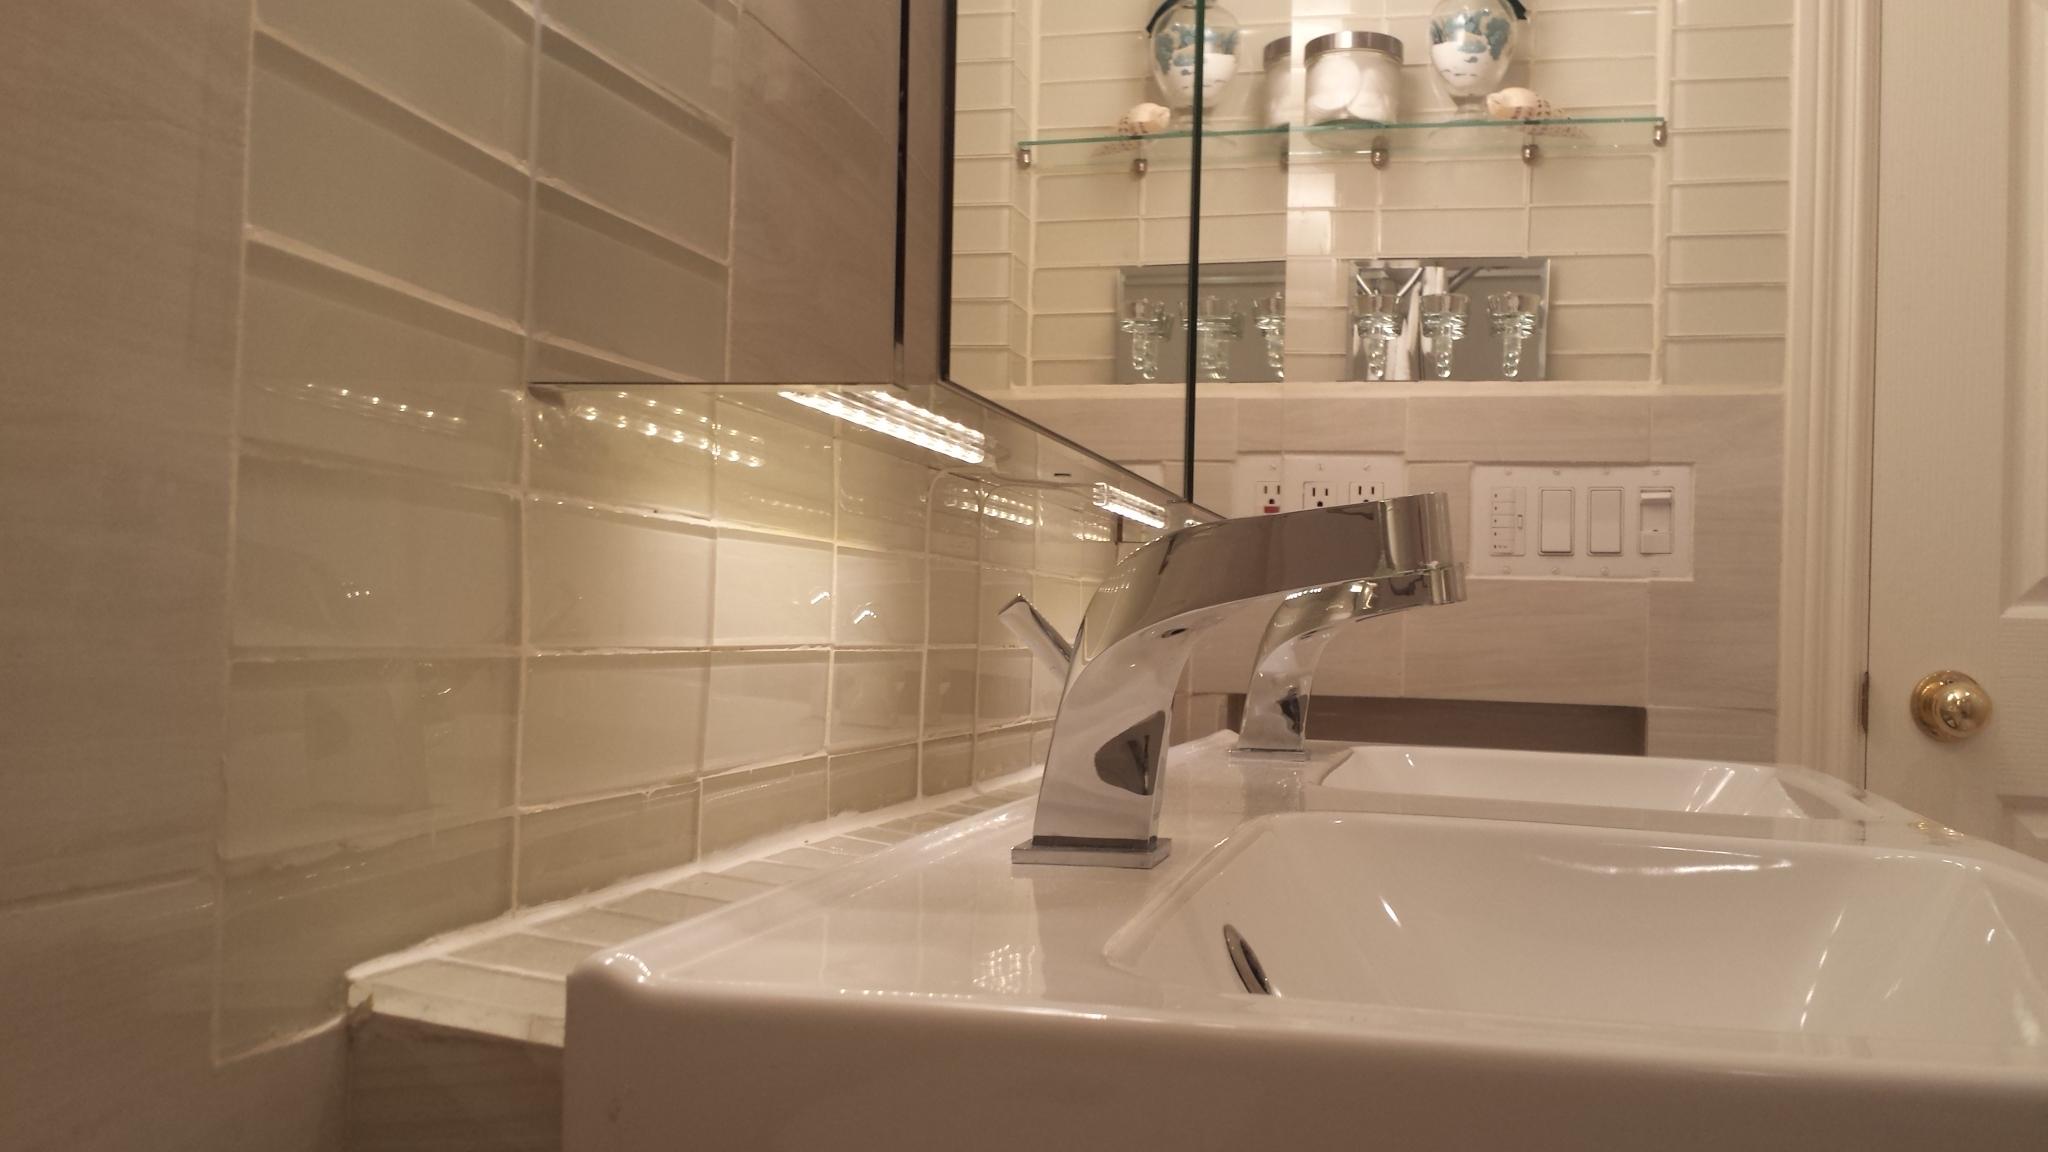 Unit 204 - Bathroom 1